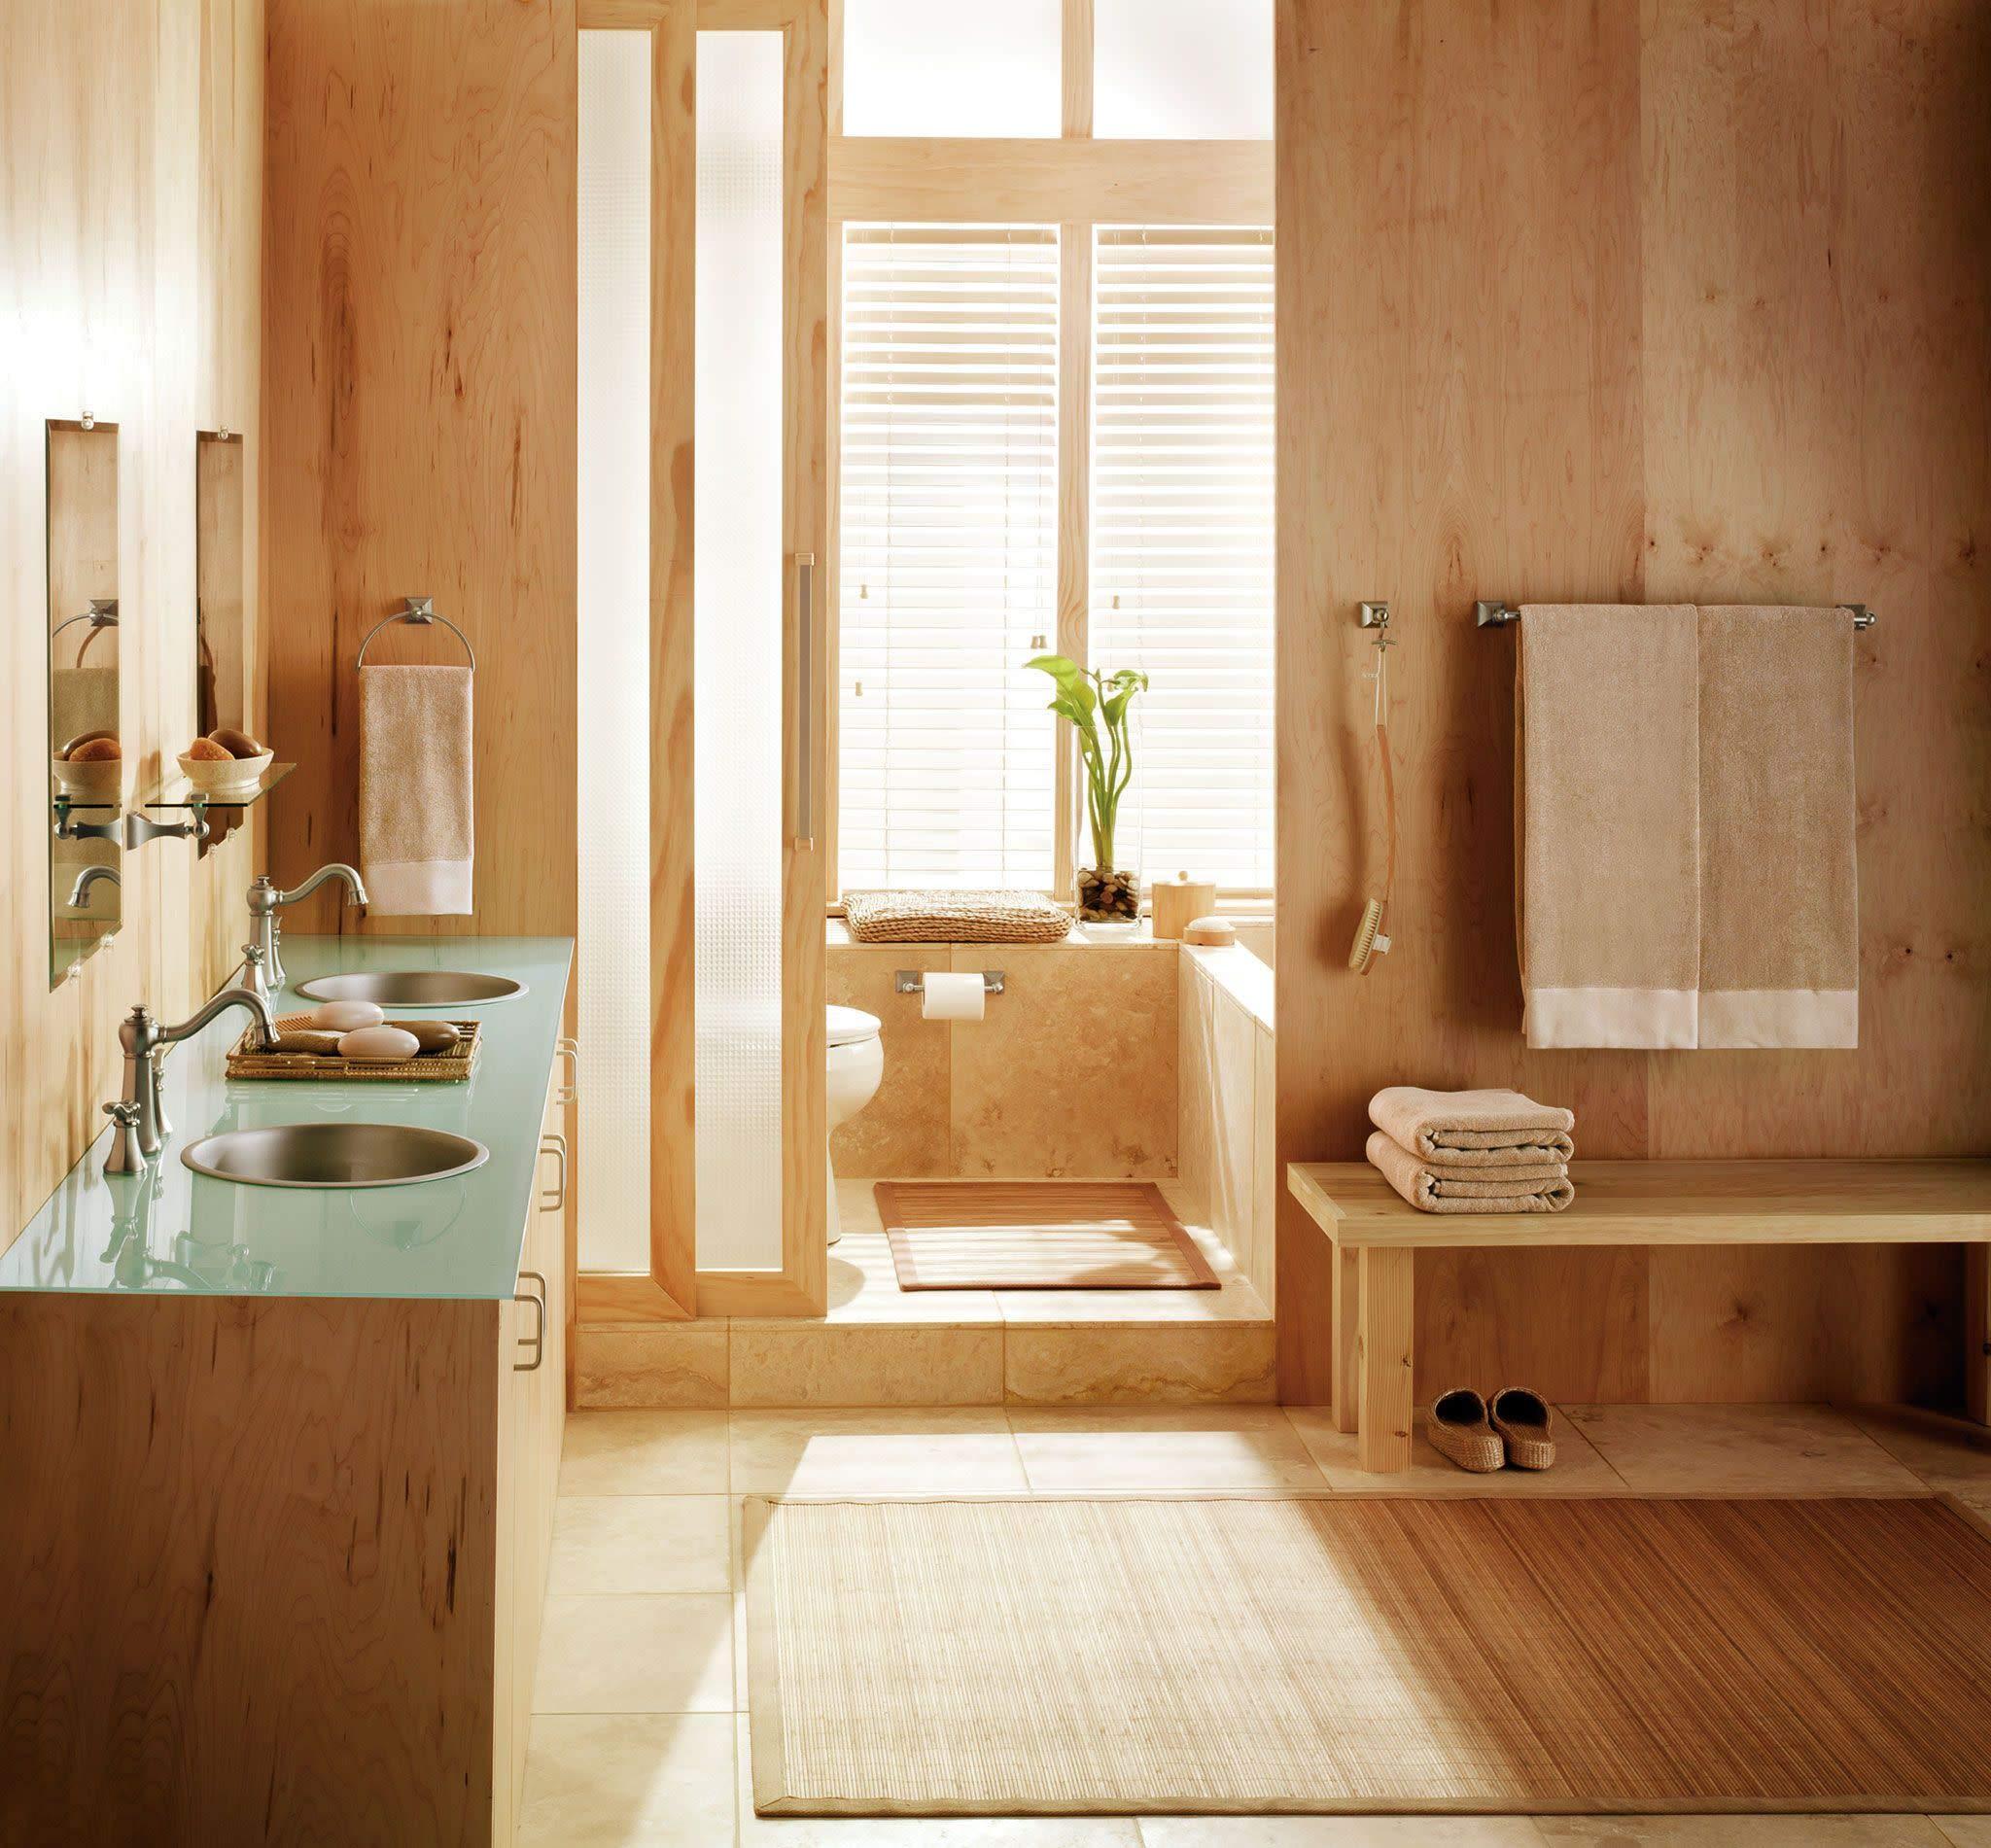 Moen Dn8322bn Retreat 24 Inch Wall Mount Bathroom Double Towel Bar Brushed Nickel Bathroom Towel Bar Amazon Com